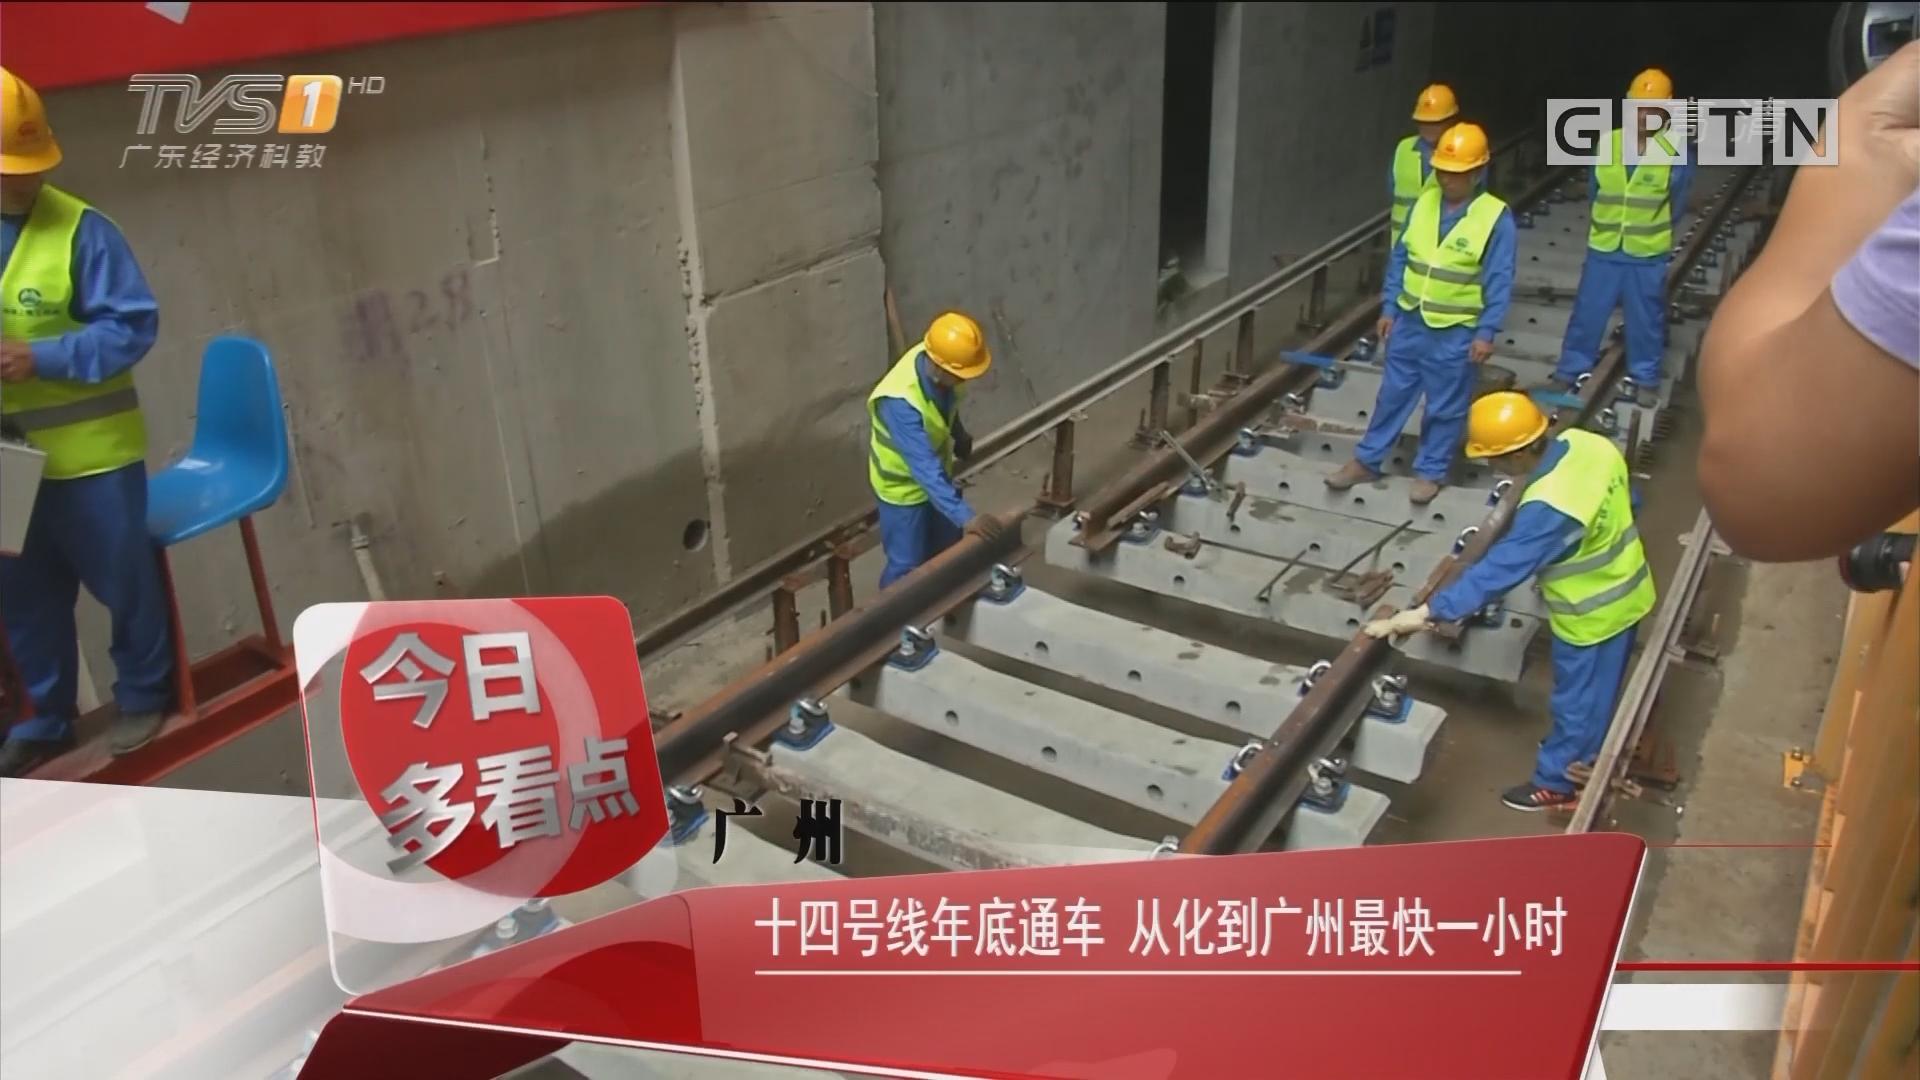 广州:十四号线年底通车 从化到广州最快一小时